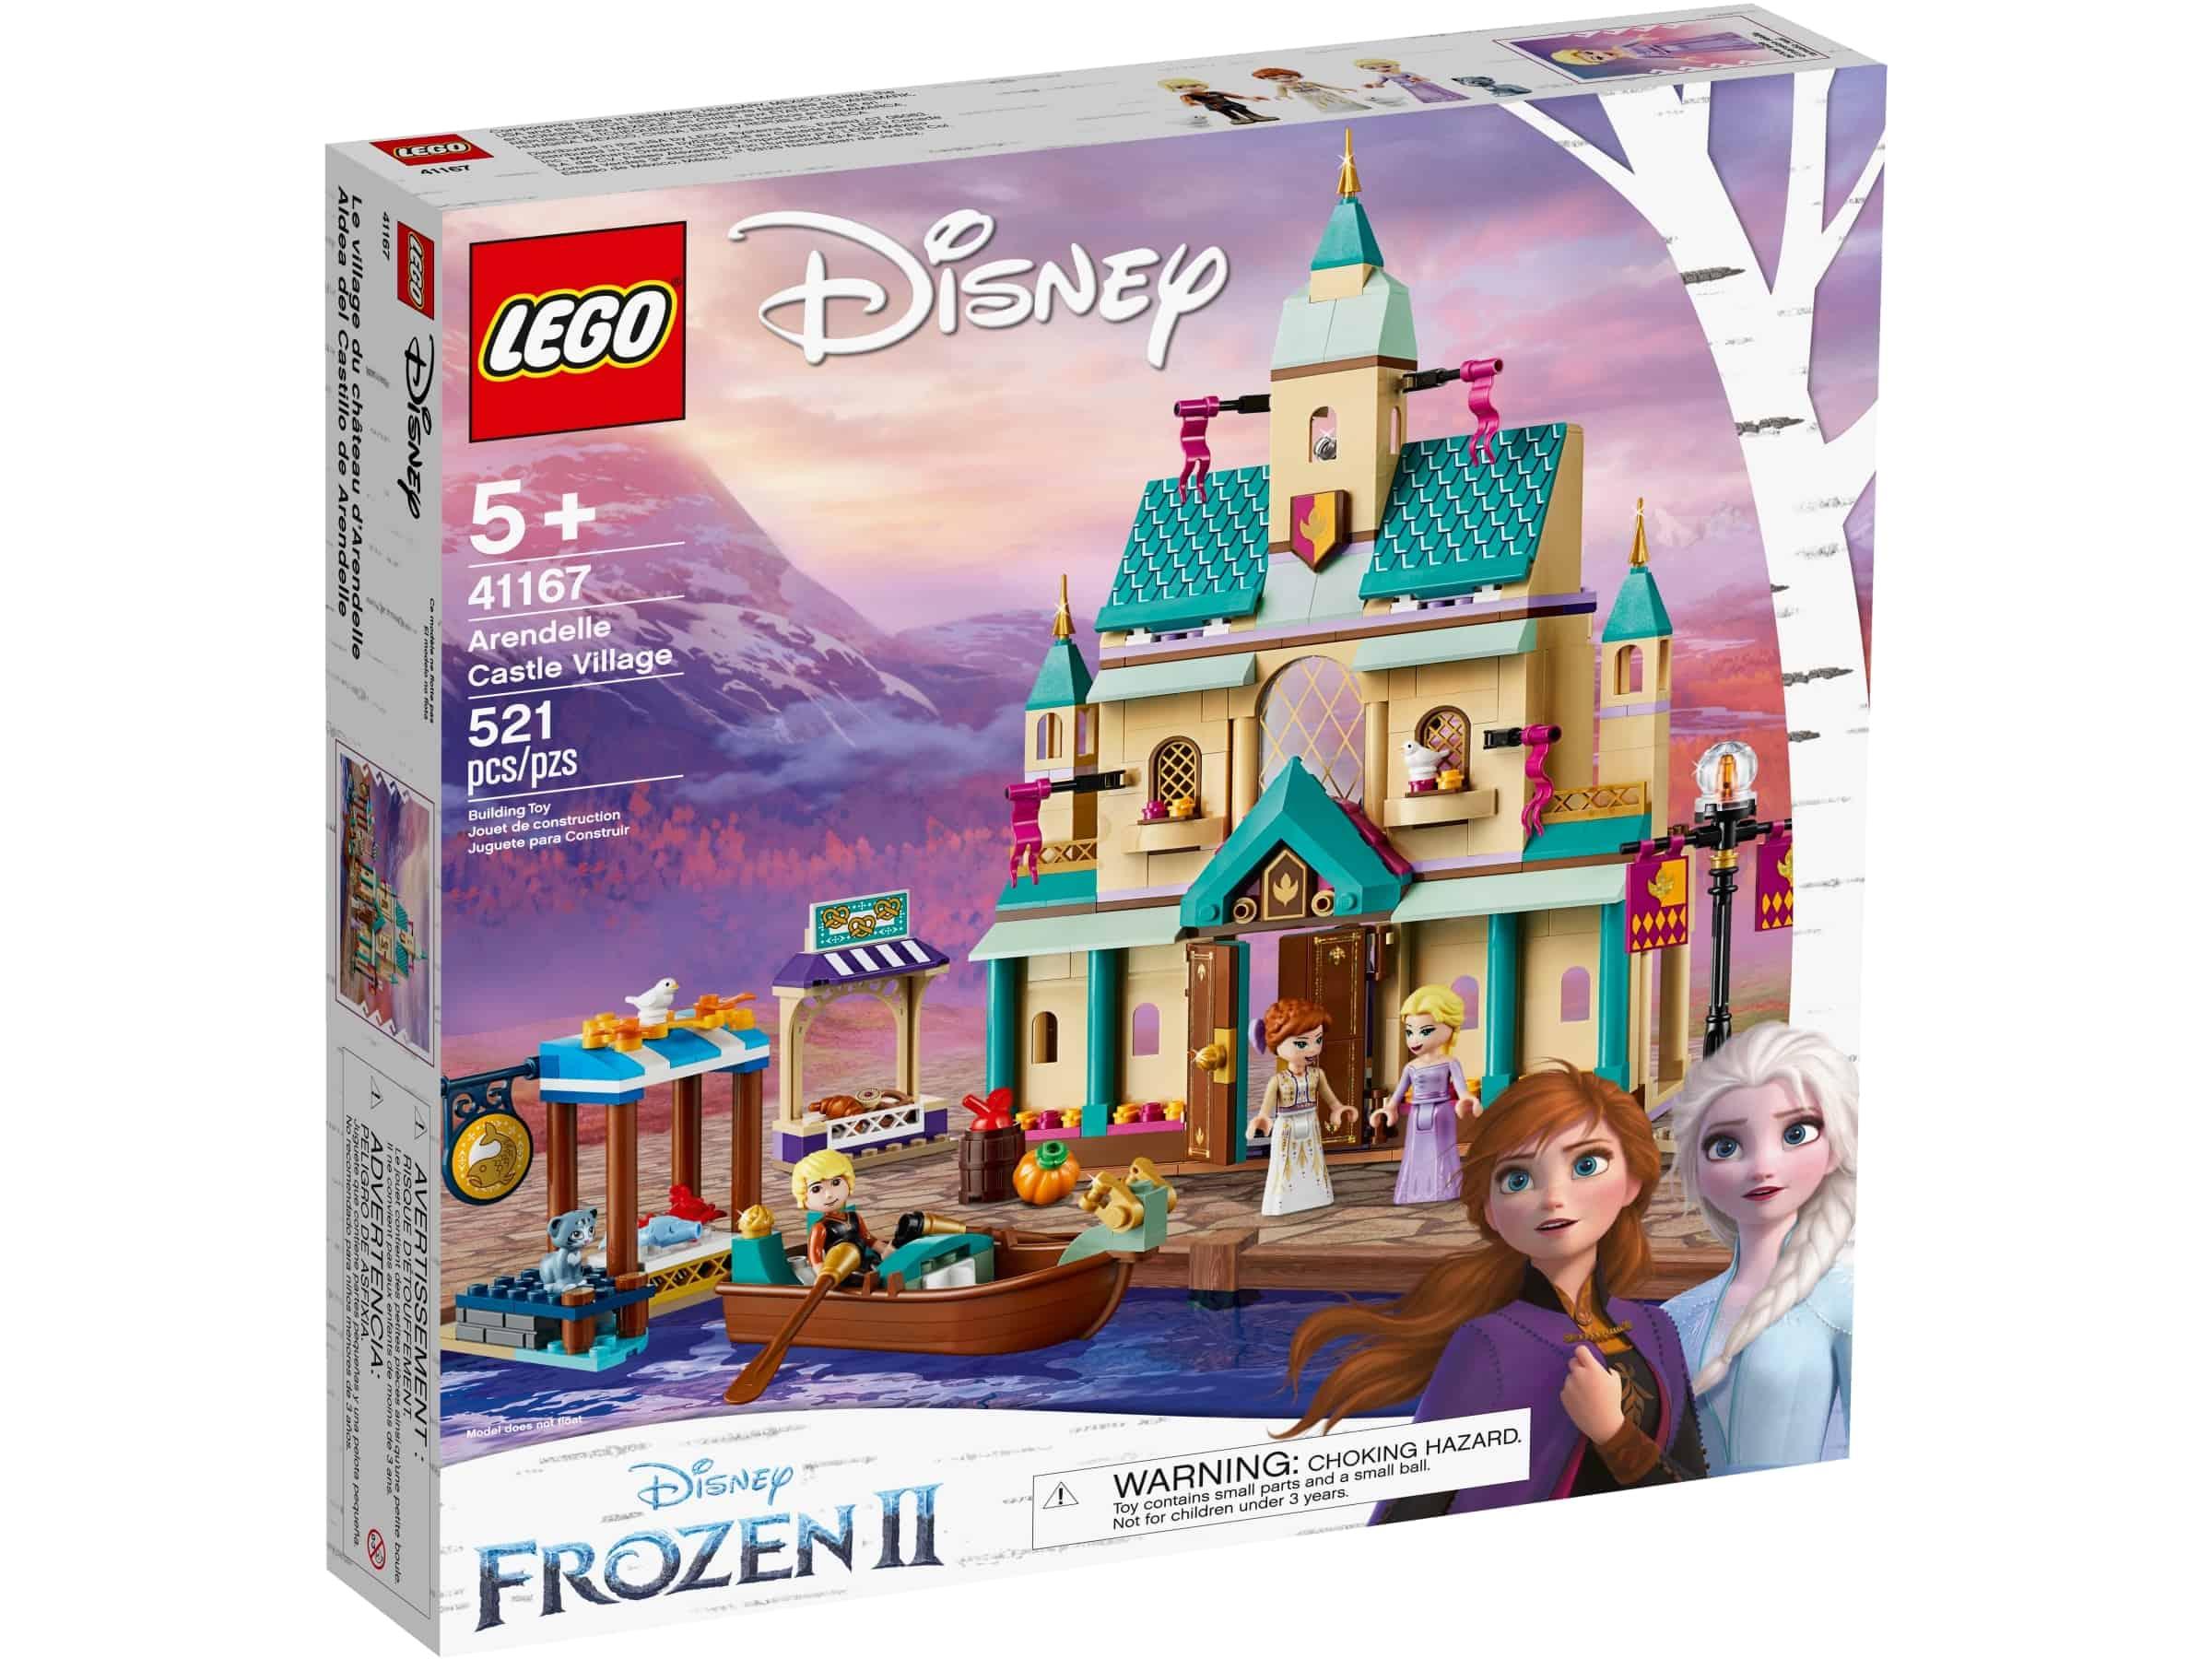 lego 41167 arendelle slottets landsby